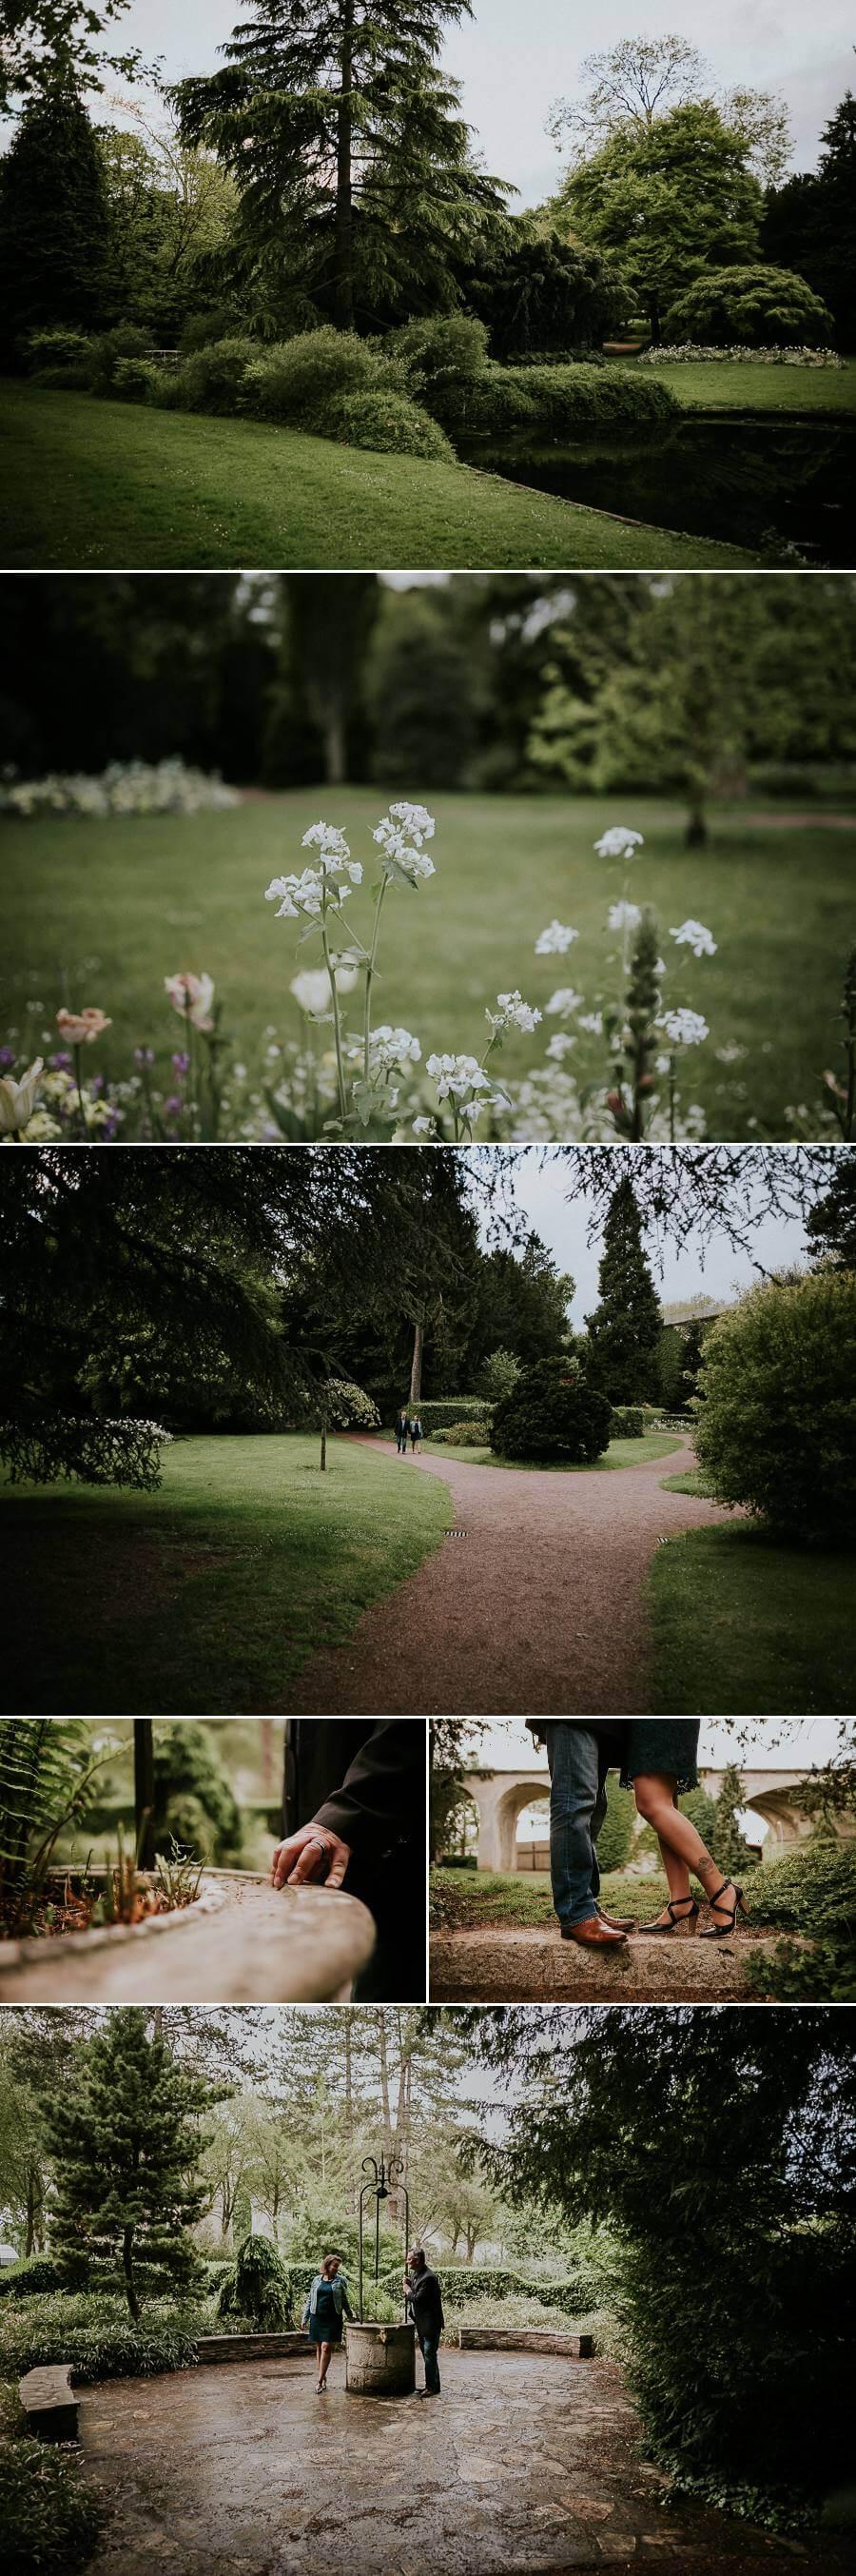 séance photo engagement couple arboretum de Chartres